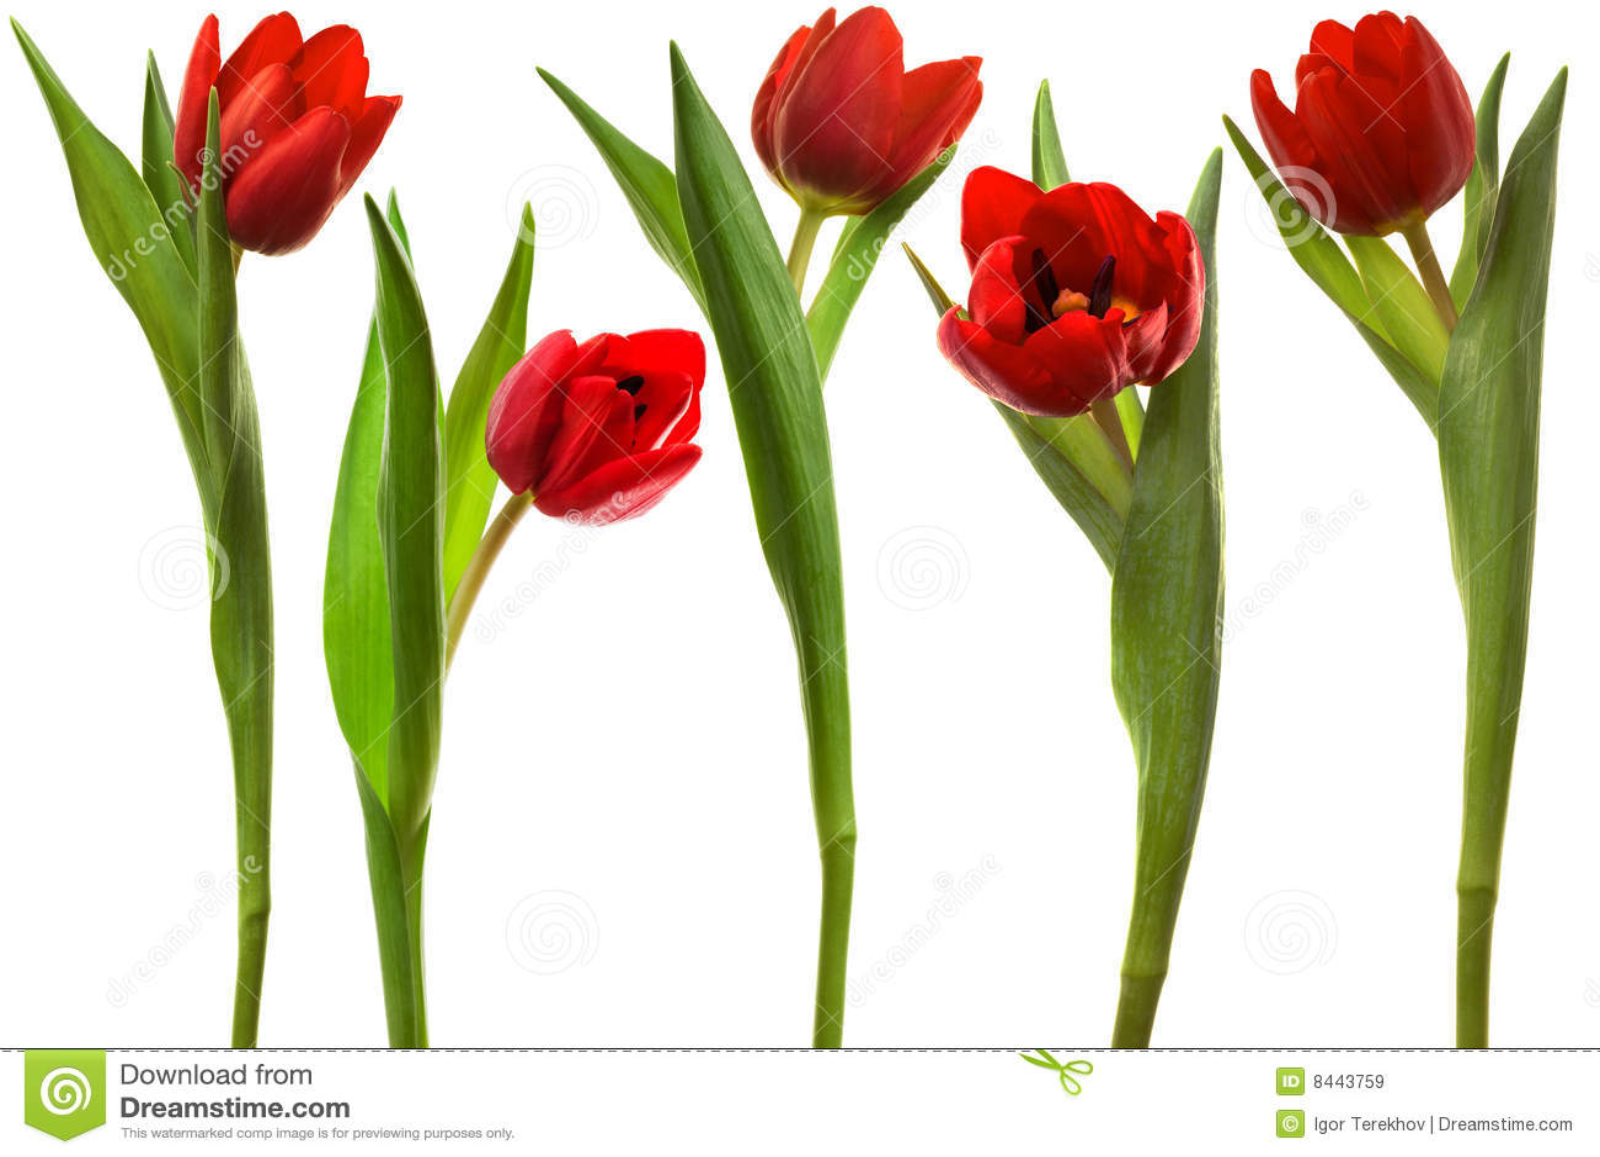 красный тюльпан фото